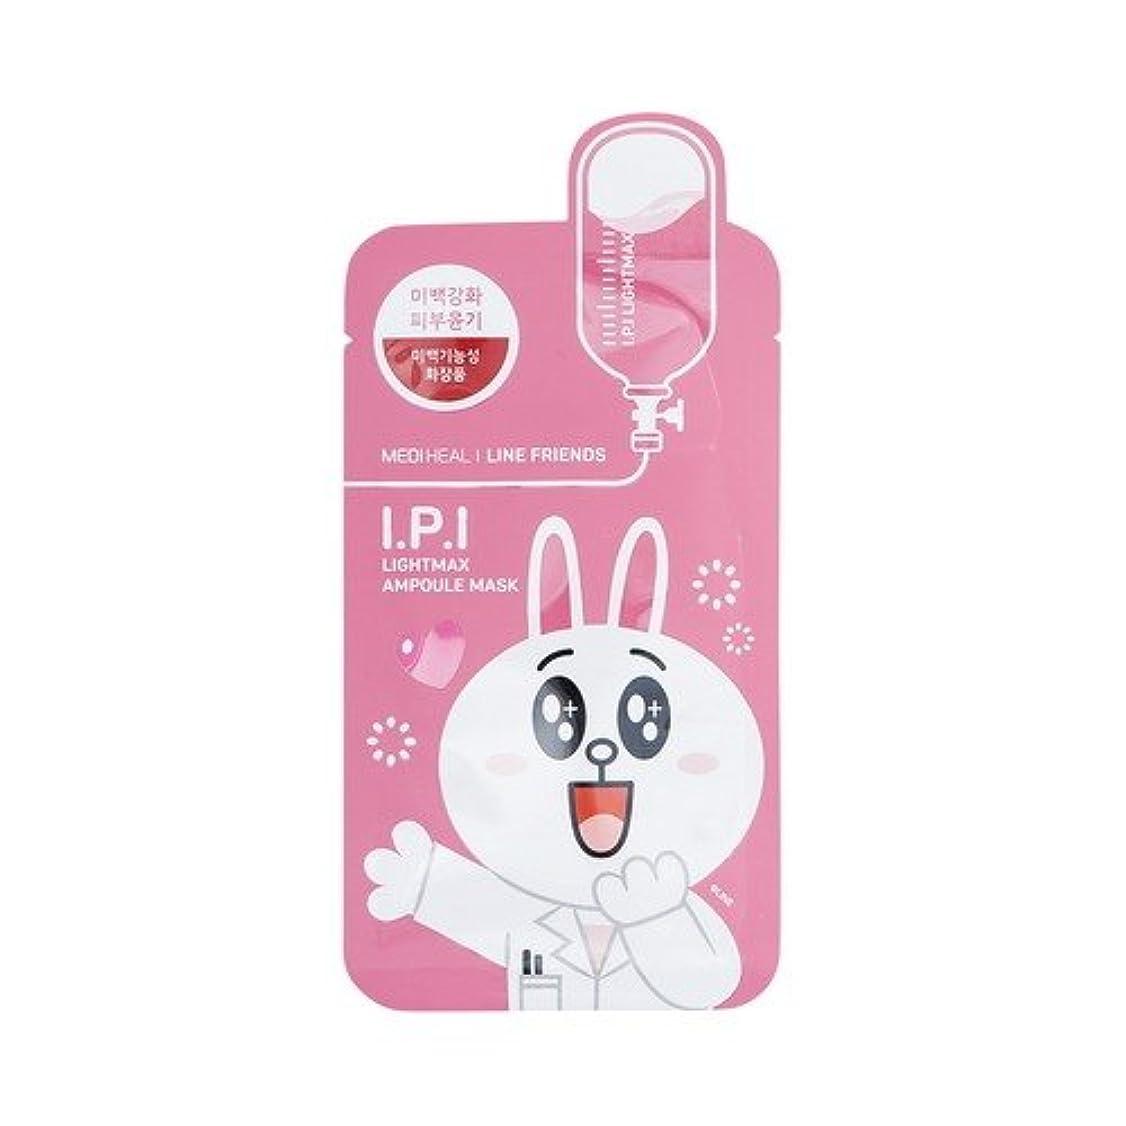 変形する意外紳士気取りの、きざな(3 Pack) MEDIHEAL Line Friends I.P.I Lightmax Ampoule Face Mask (並行輸入品)